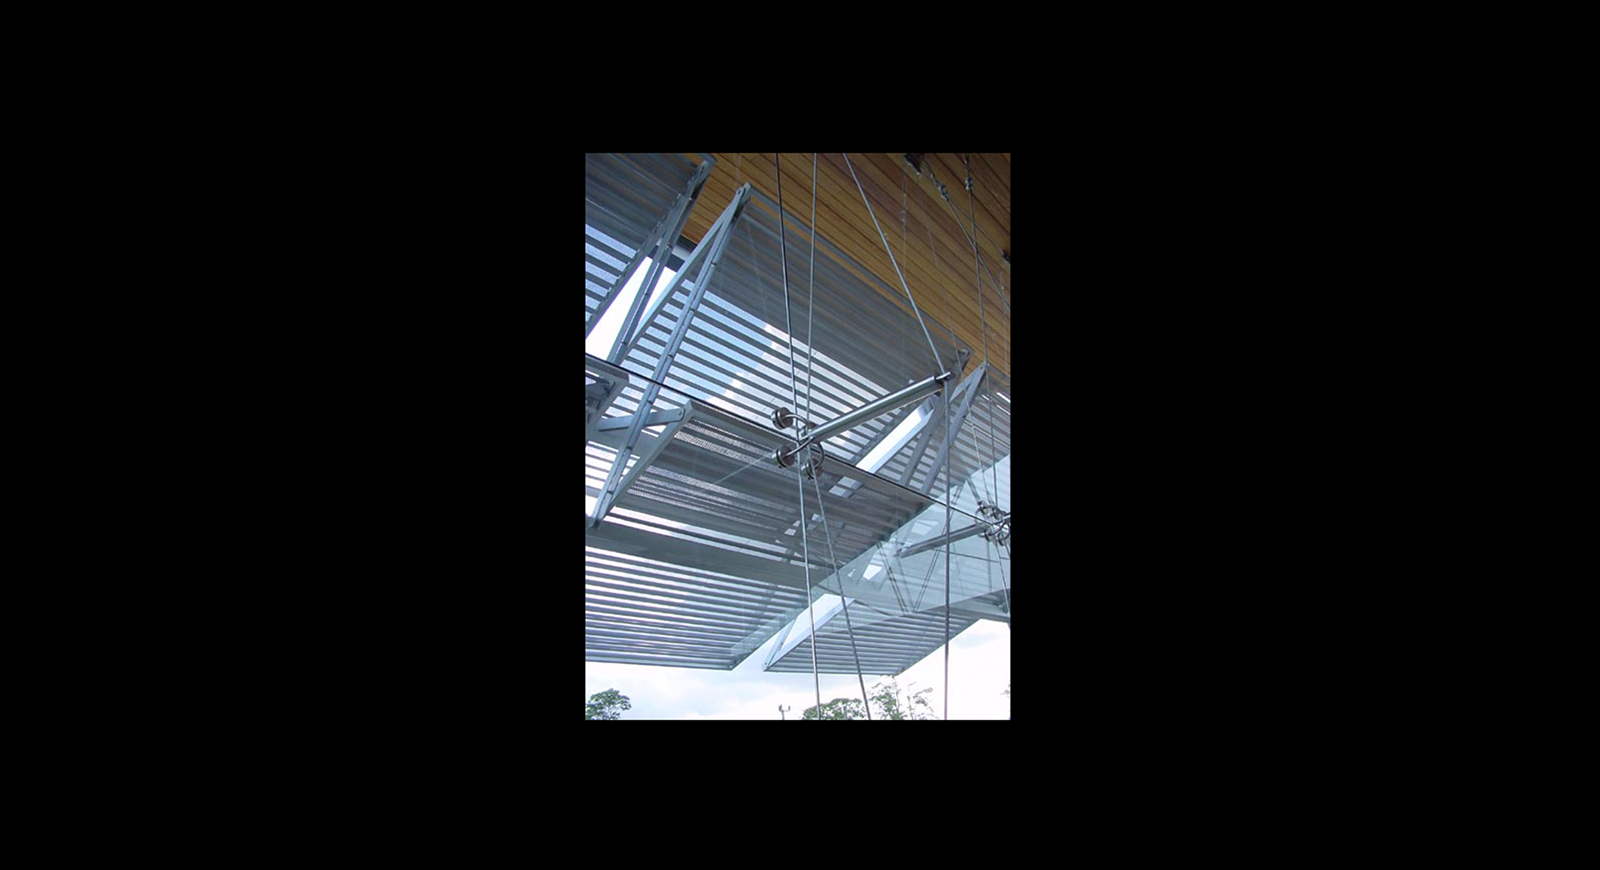 tropical_architecture_costa_rica_elmizu8